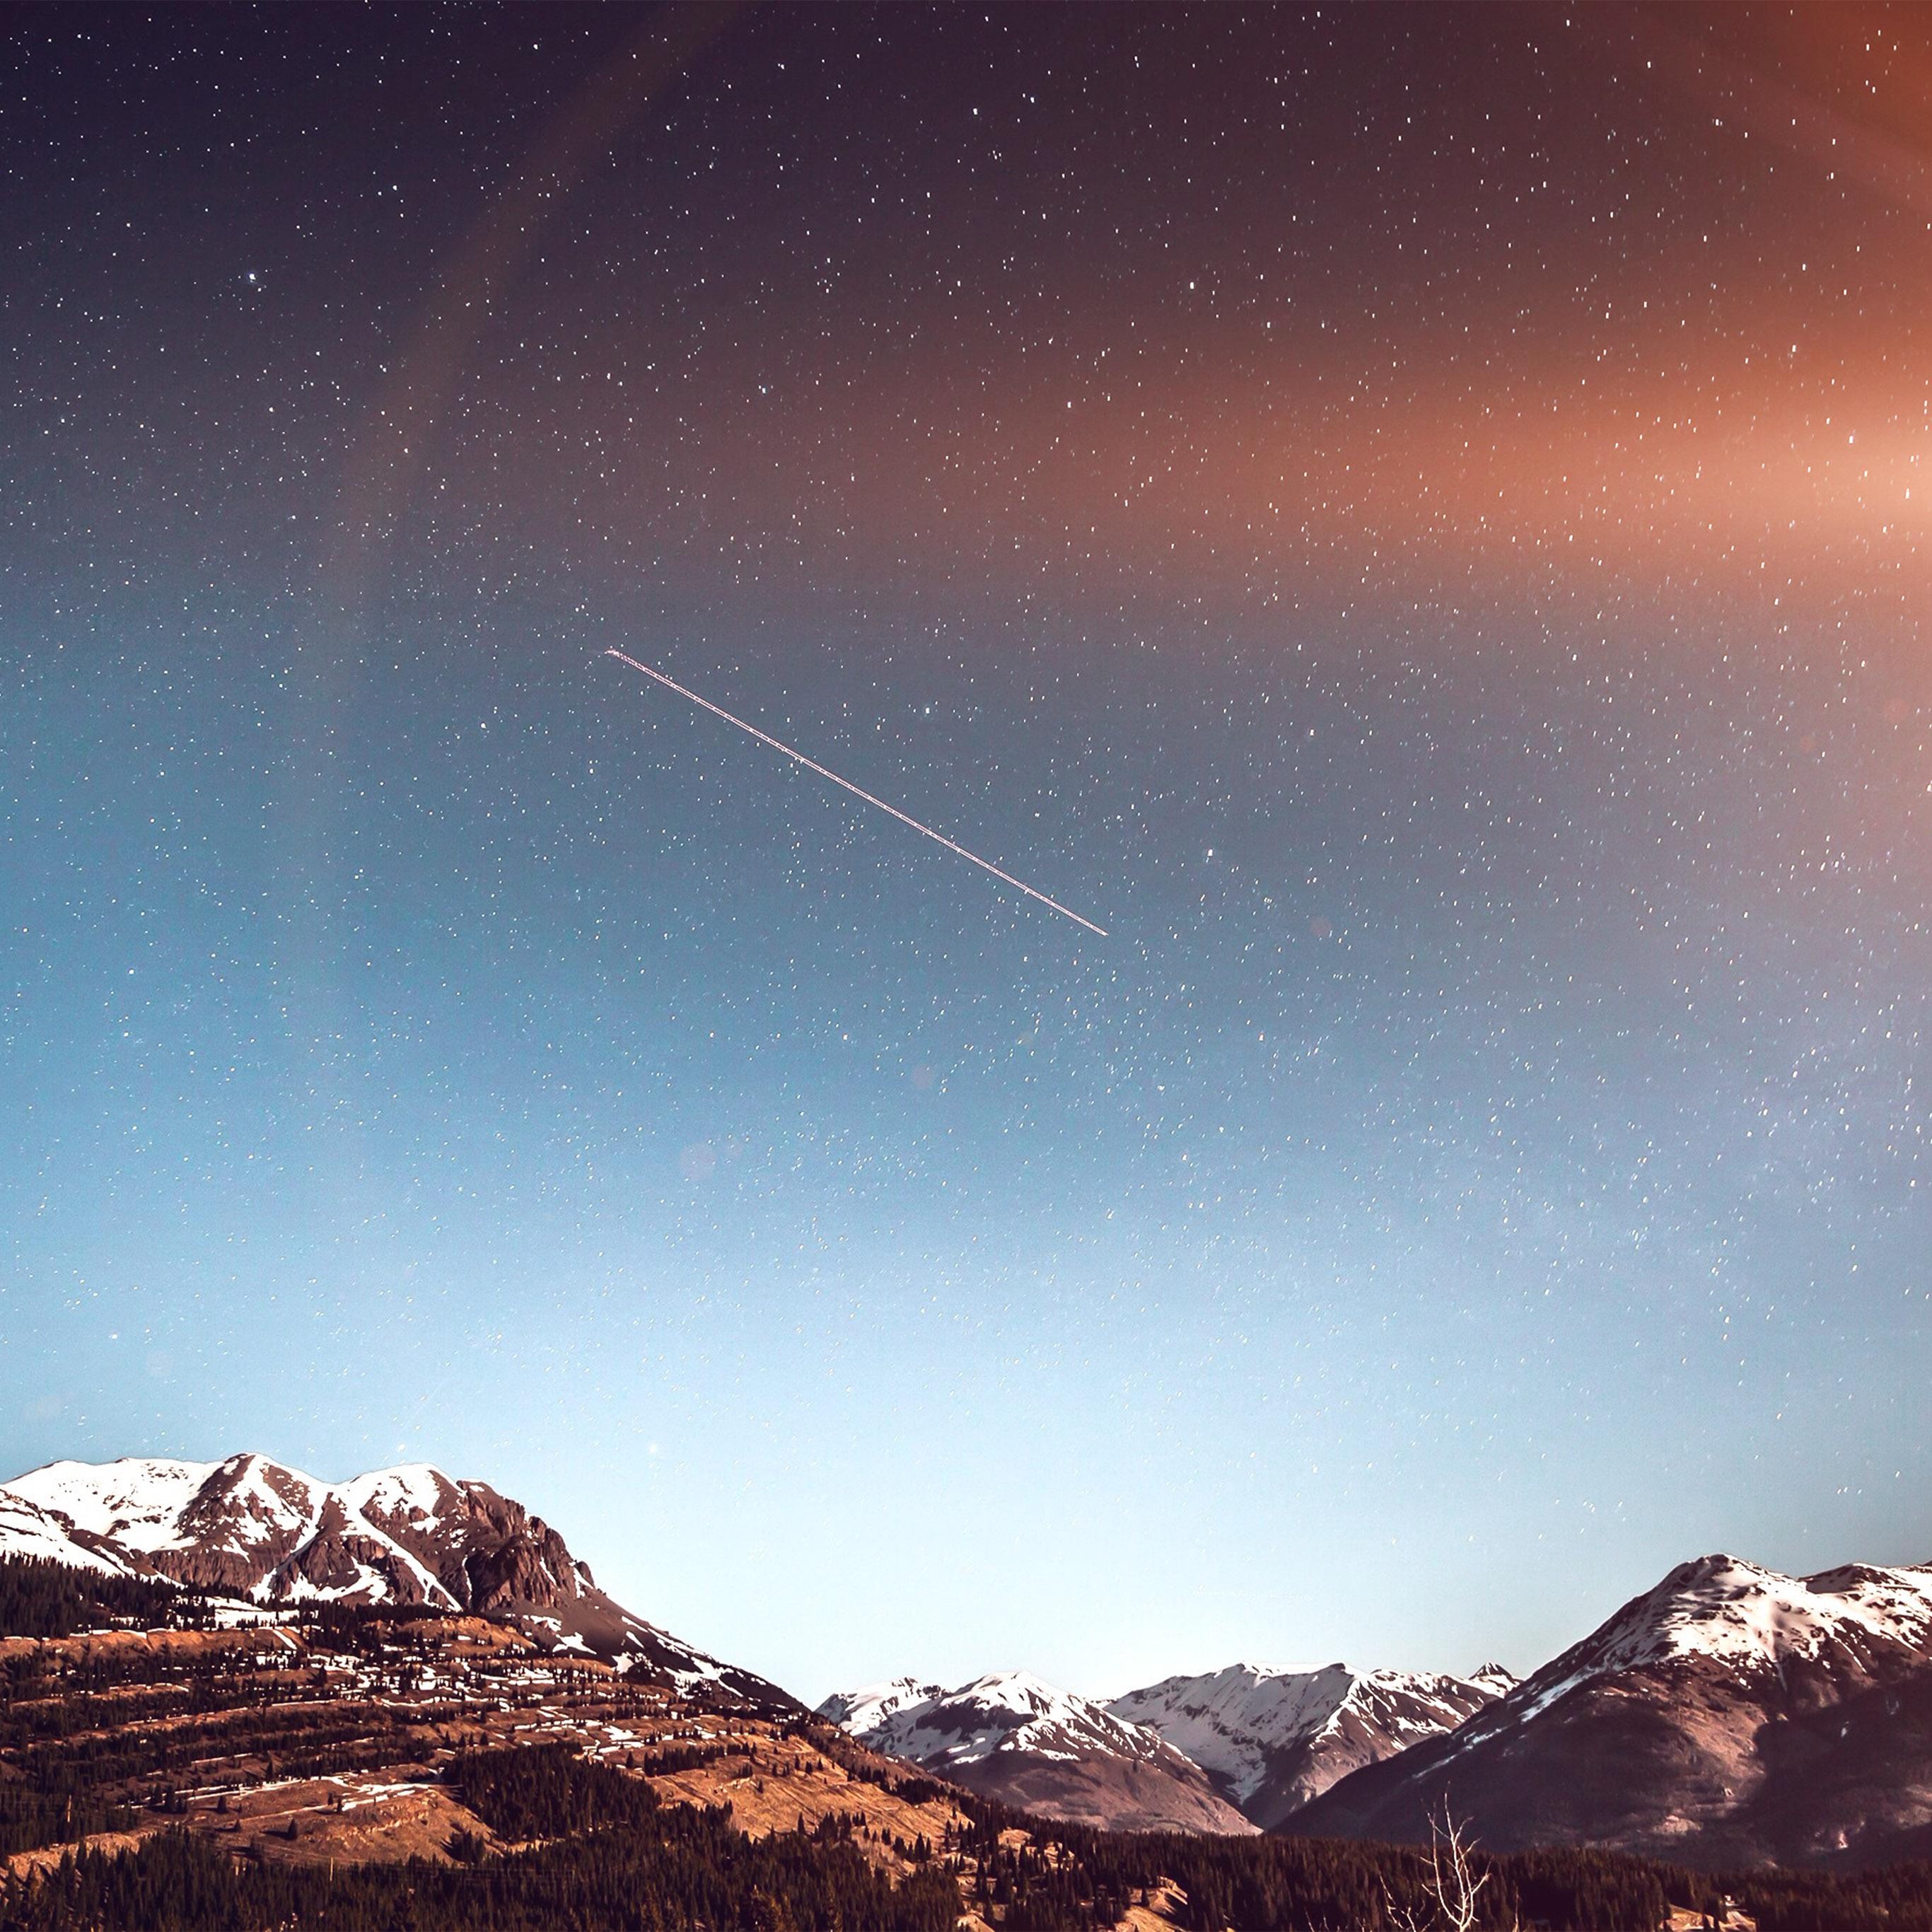 Ni44-shooting-star-night-sky-starry